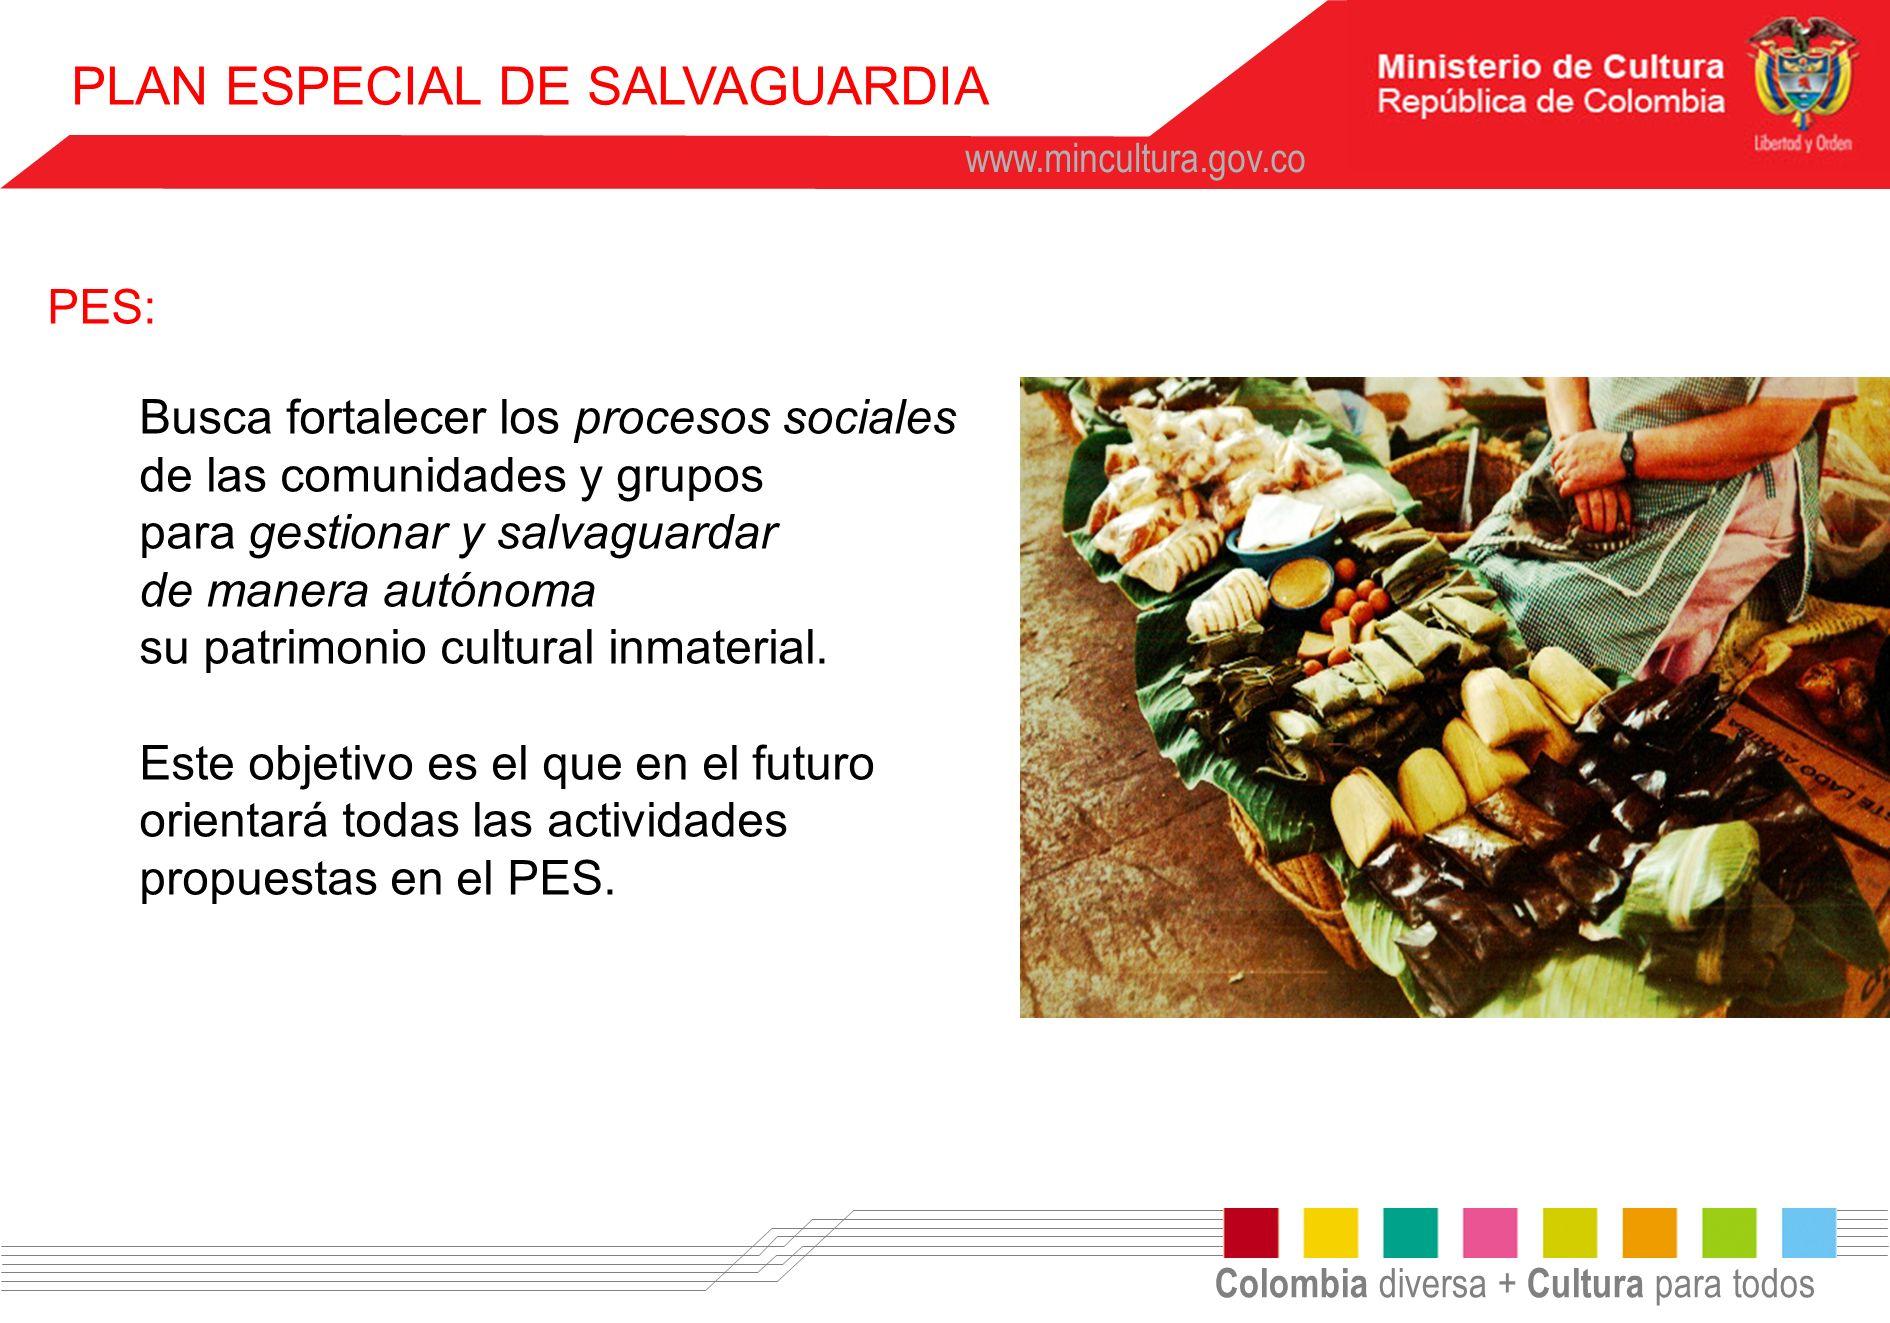 Colombia diversa + Cultura para todos www.mincultura.gov.co PLAN ESPECIAL DE SALVAGUARDIA PES: Busca fortalecer los procesos sociales de las comunidad